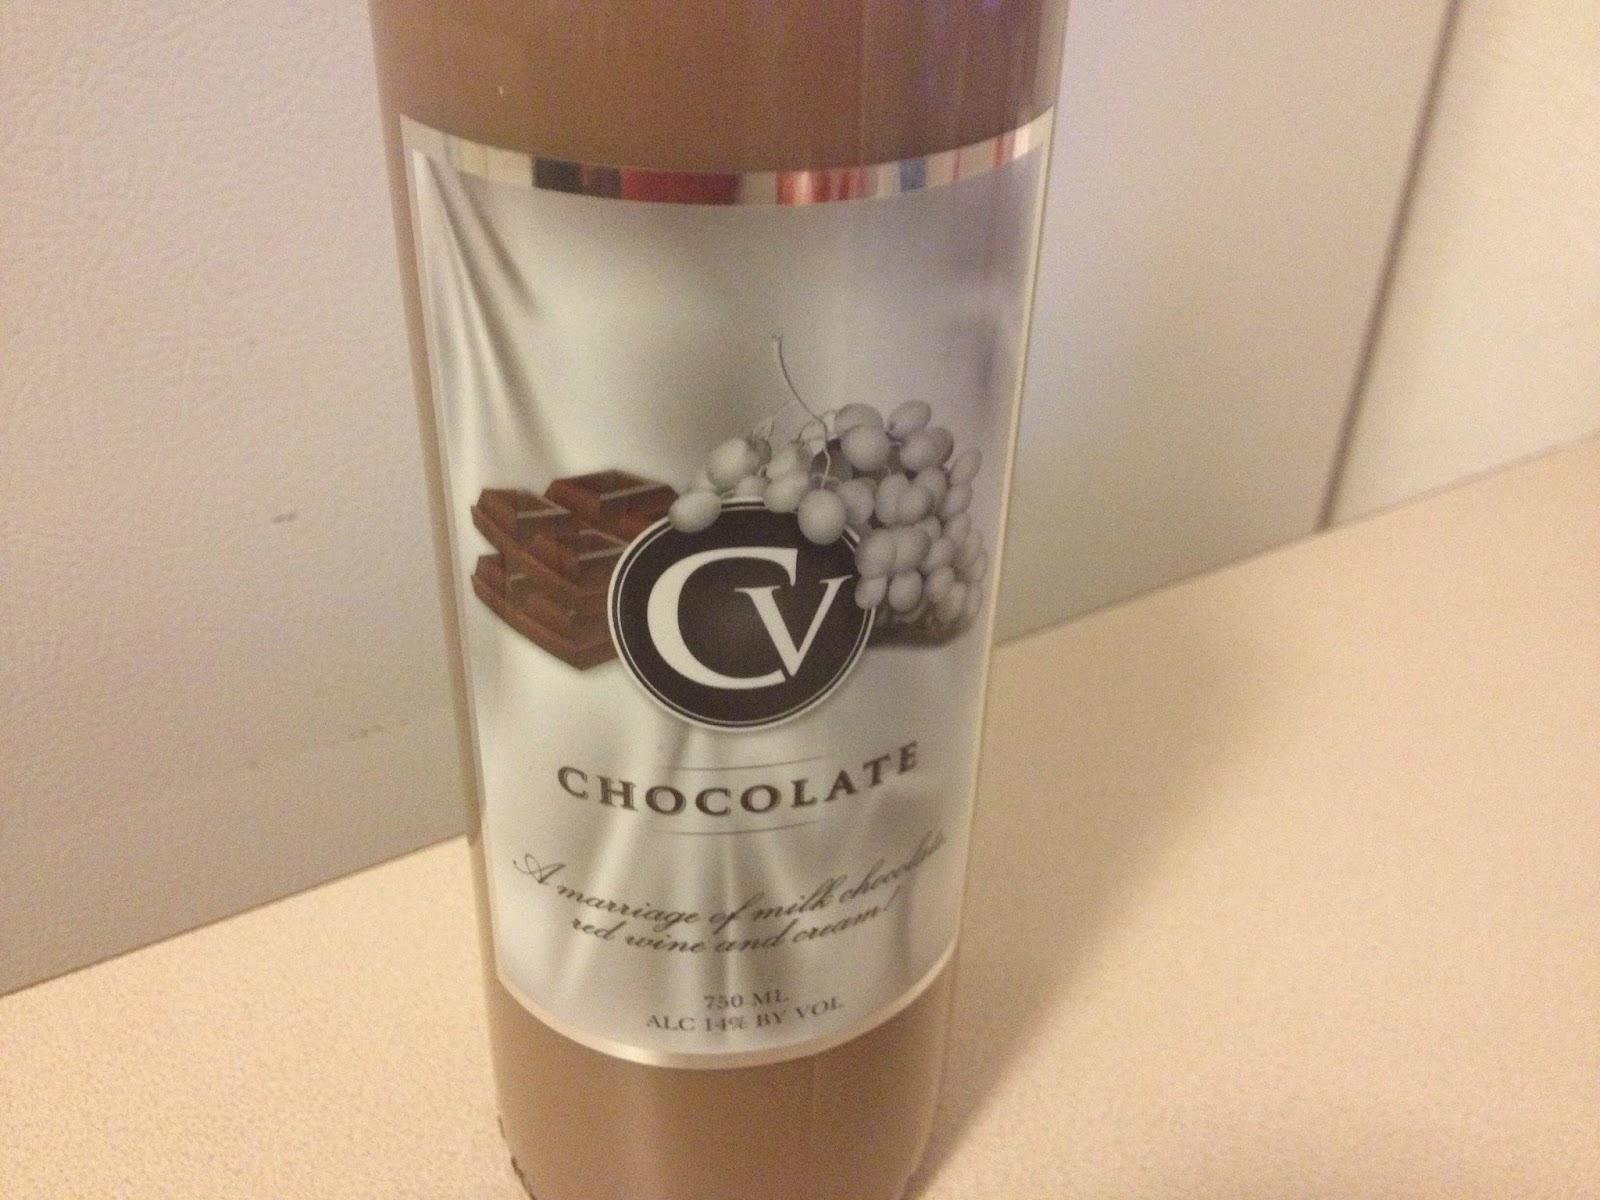 The Wine Wanderings: Tasting - CV Chocolate Wine